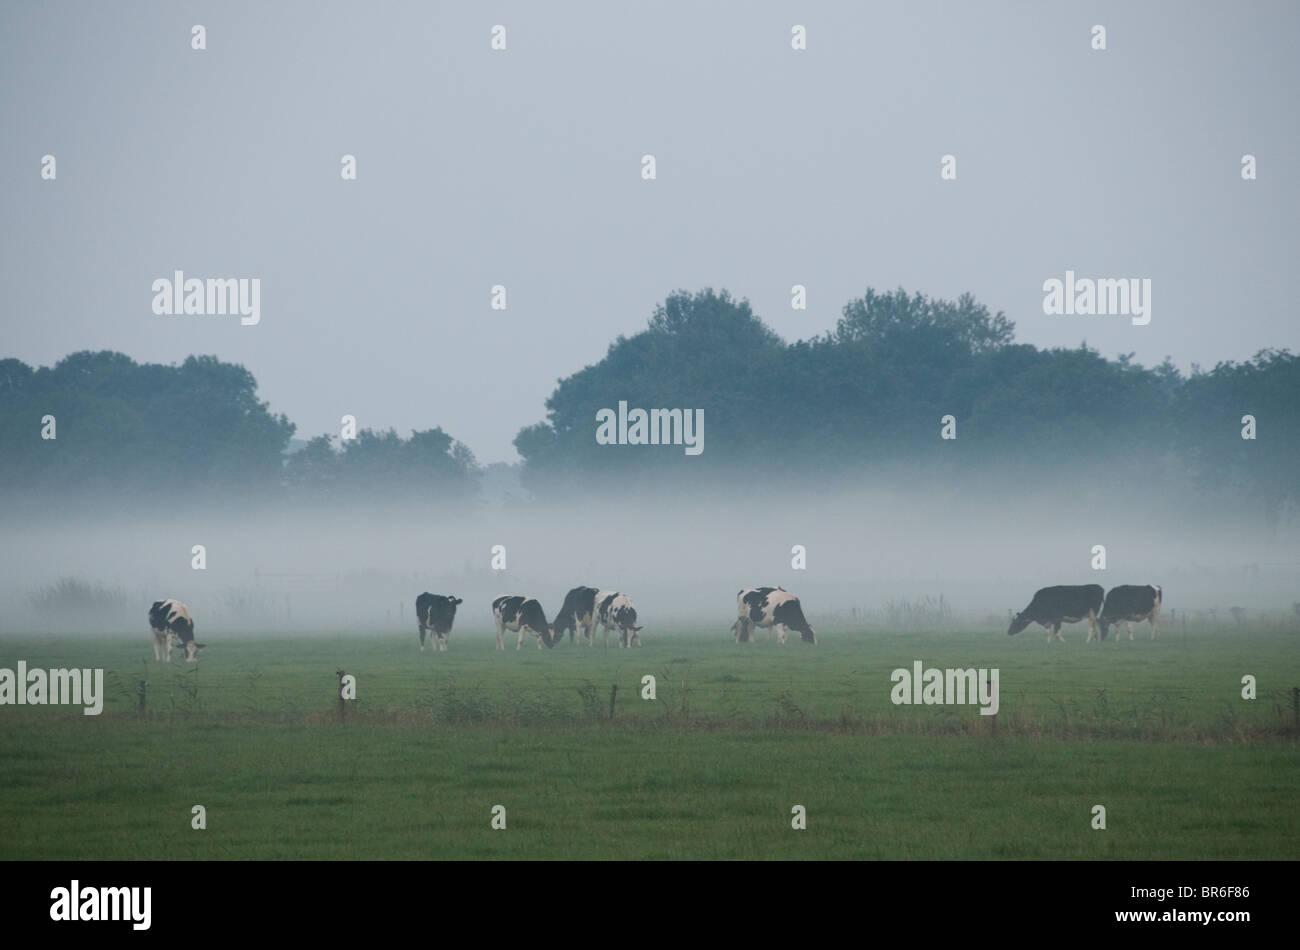 Frisia Holanda Agricultura Granja vacas vaca niebla Imagen De Stock